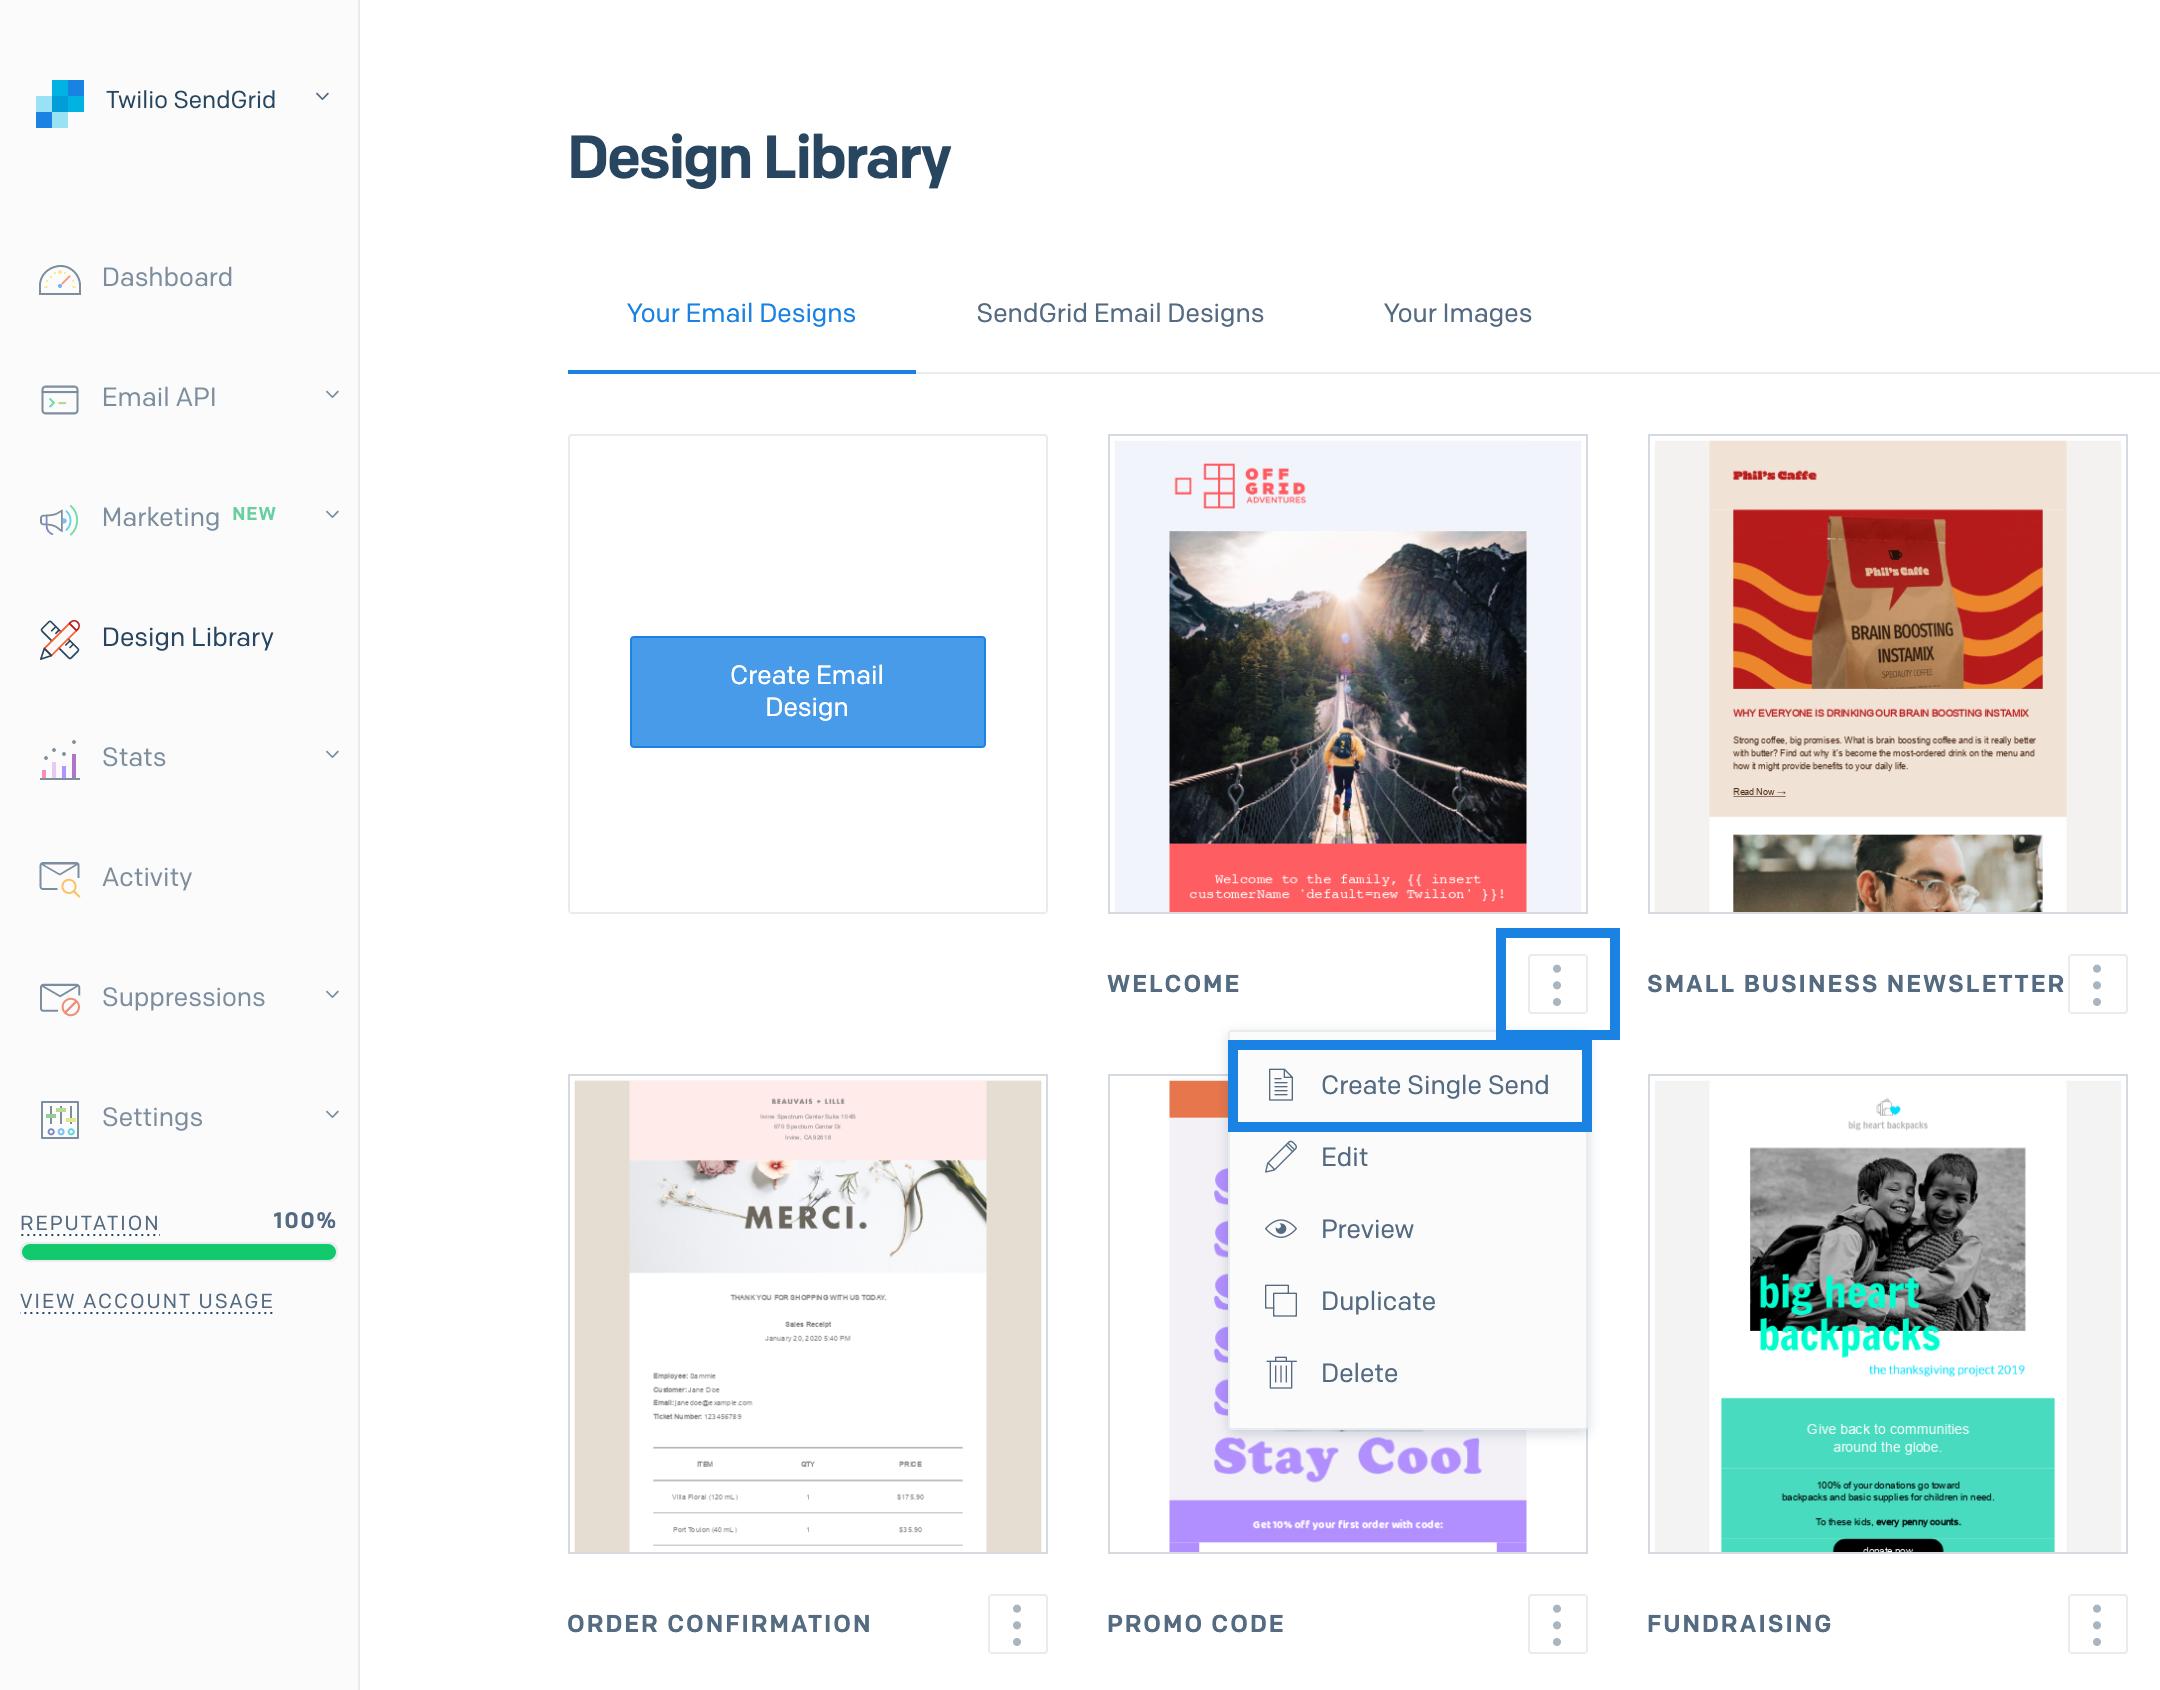 The Create a Single Send menu item button below a design